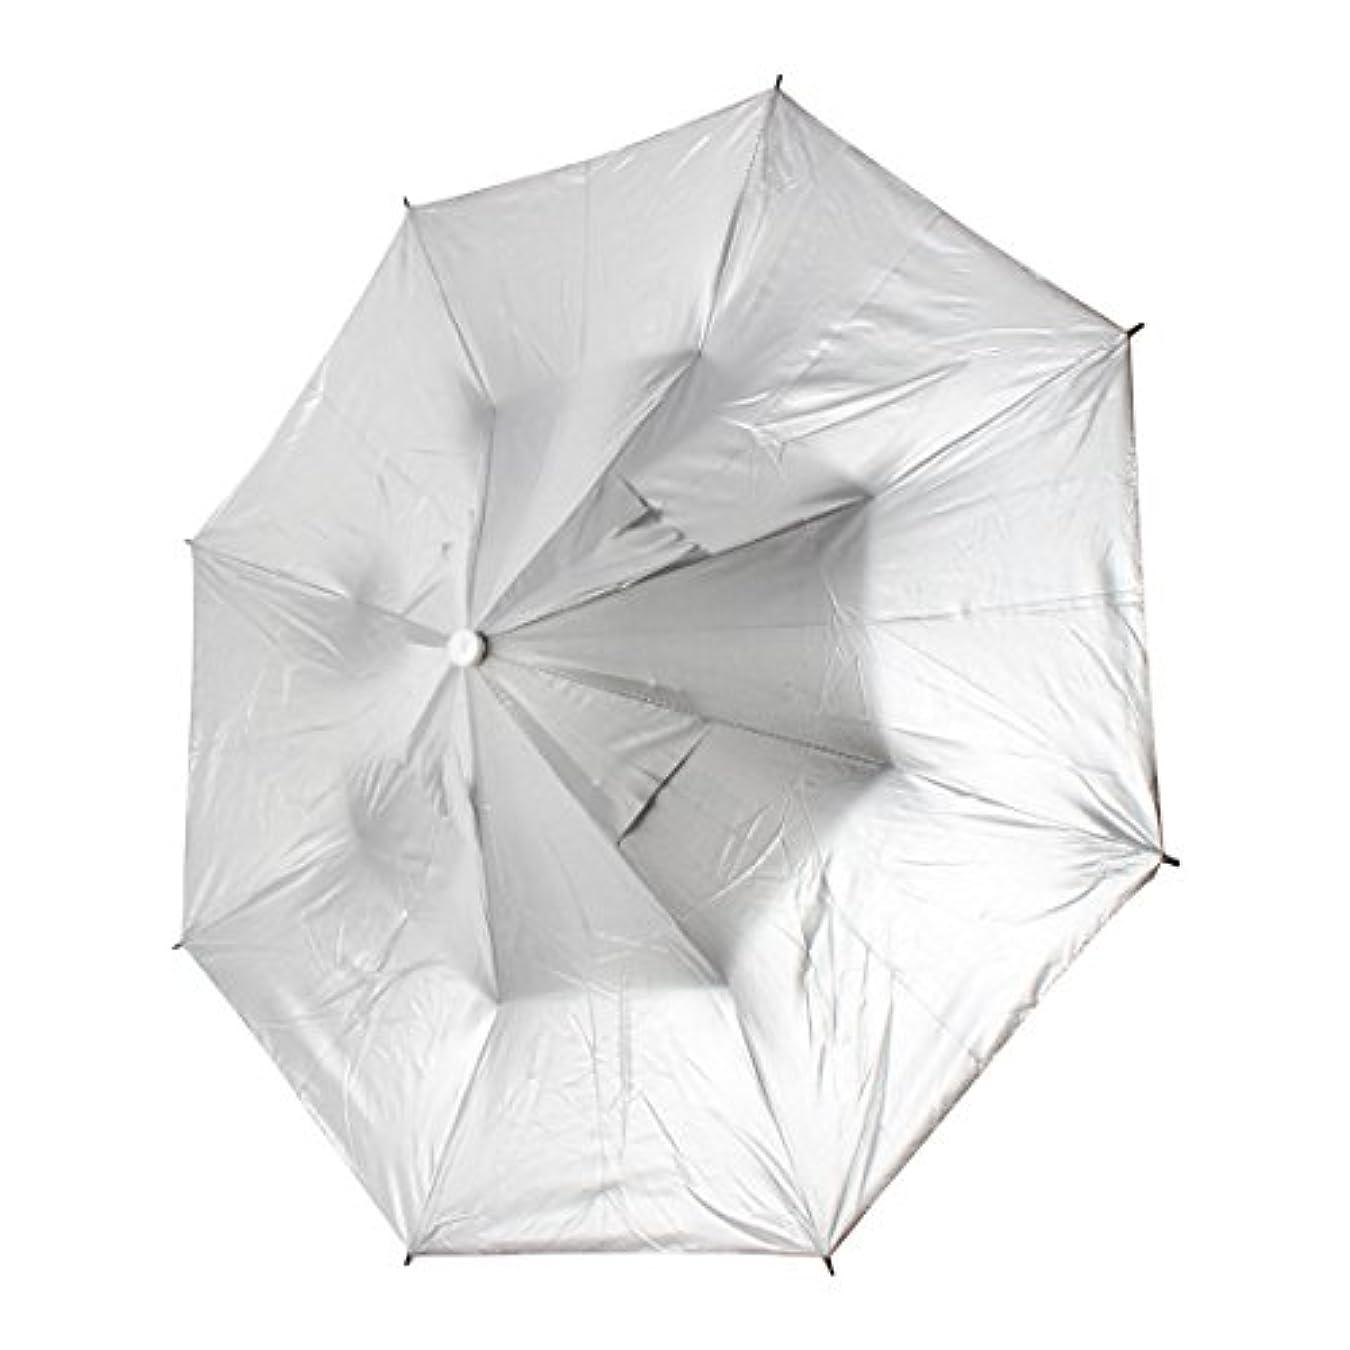 防衛出身地しばしばuxcell 釣り傘 傘帽子 釣り用 ヘッドバンド 傘状の帽子 ヘッドウェア 室外 釣り 狩り あごストラップ 折り畳める ポリエステル ライトグリーン